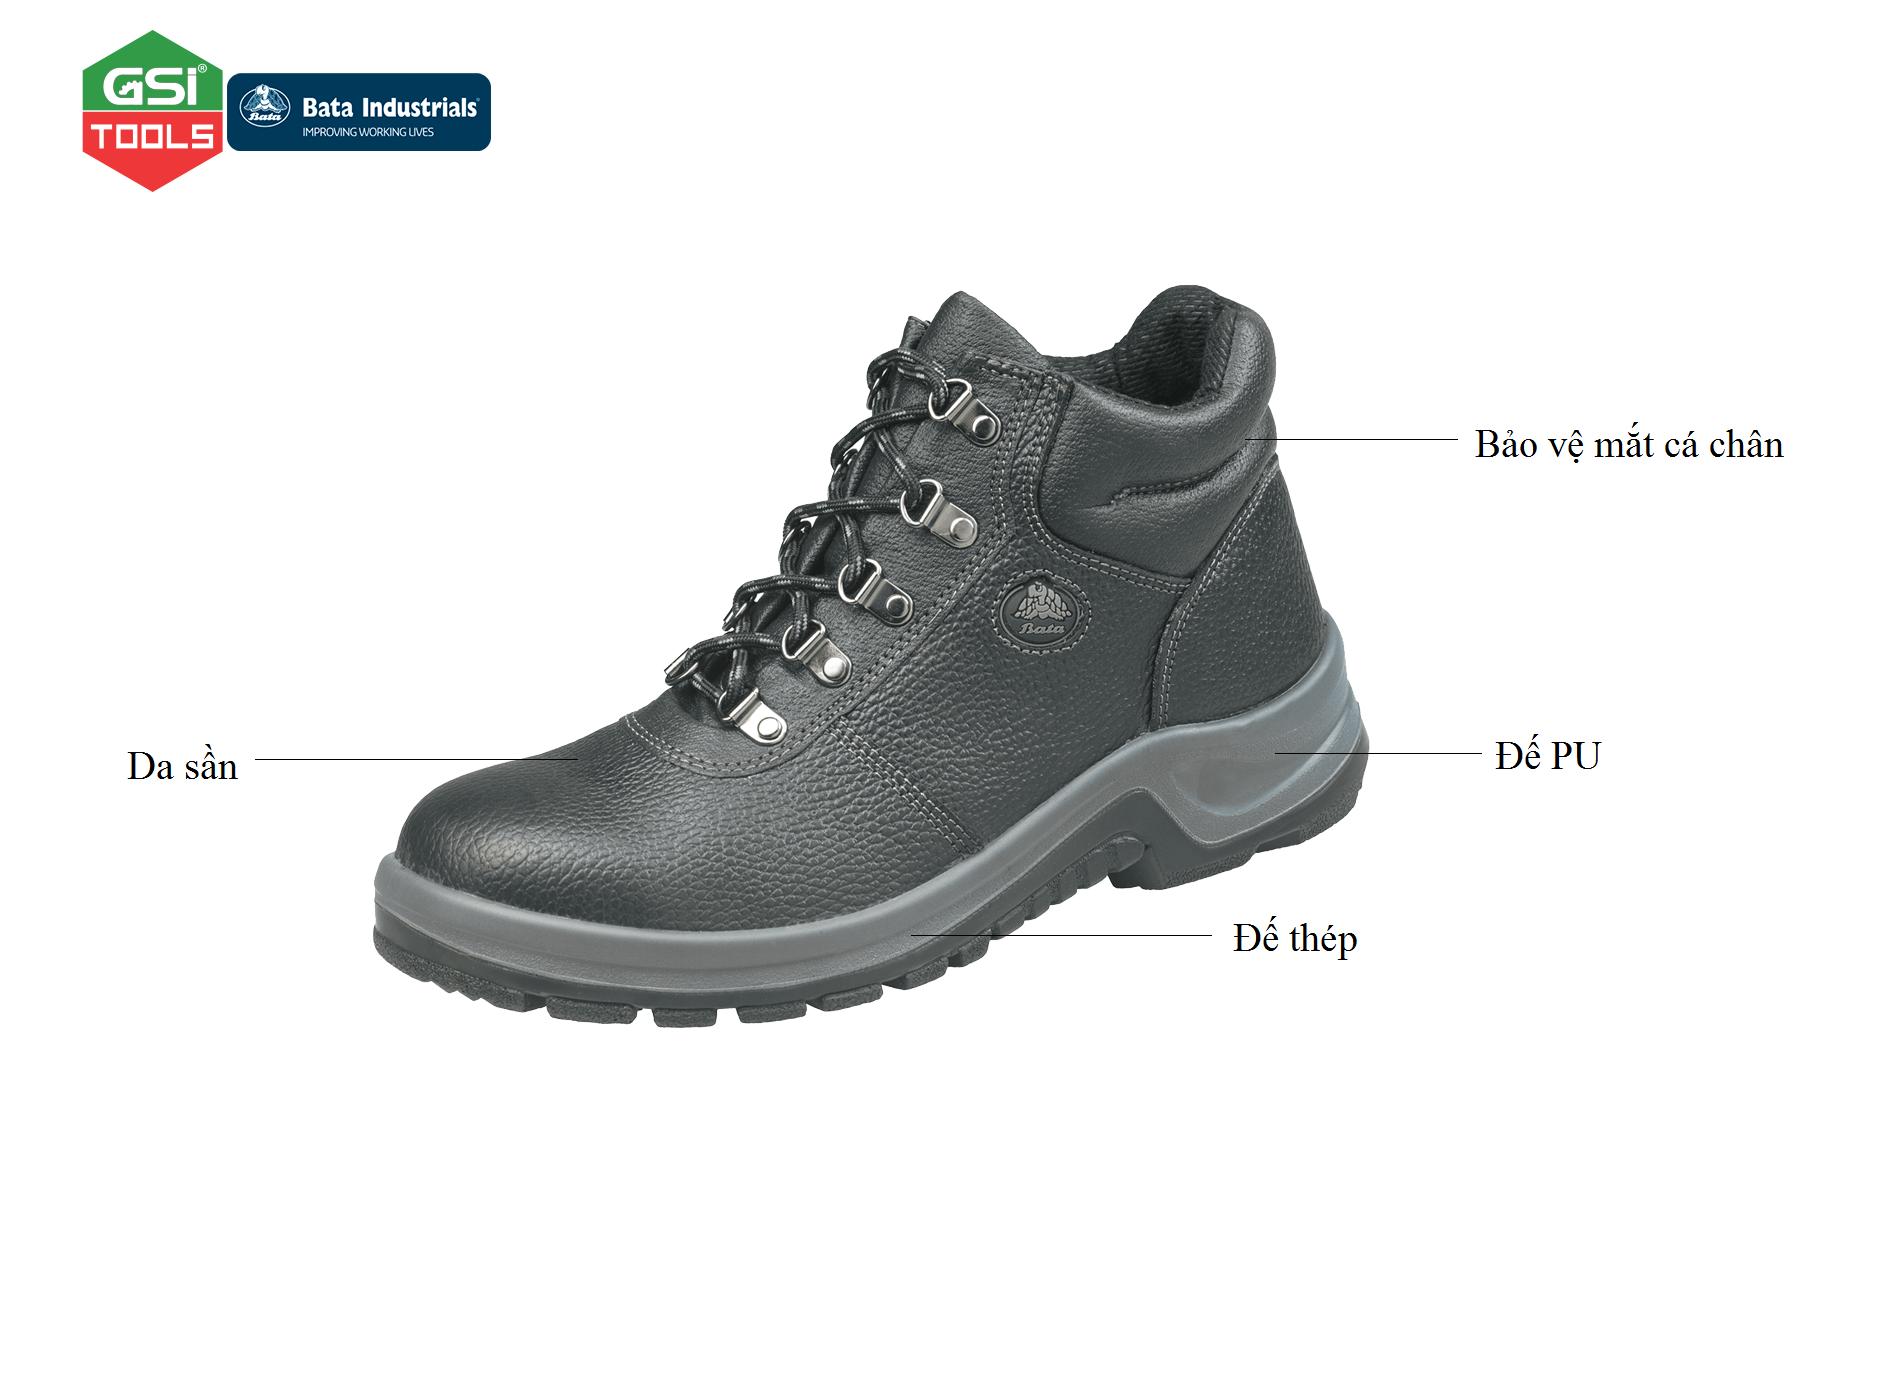 Giày BATA Barbados - thiết kế ấn đi cùng công nghệ